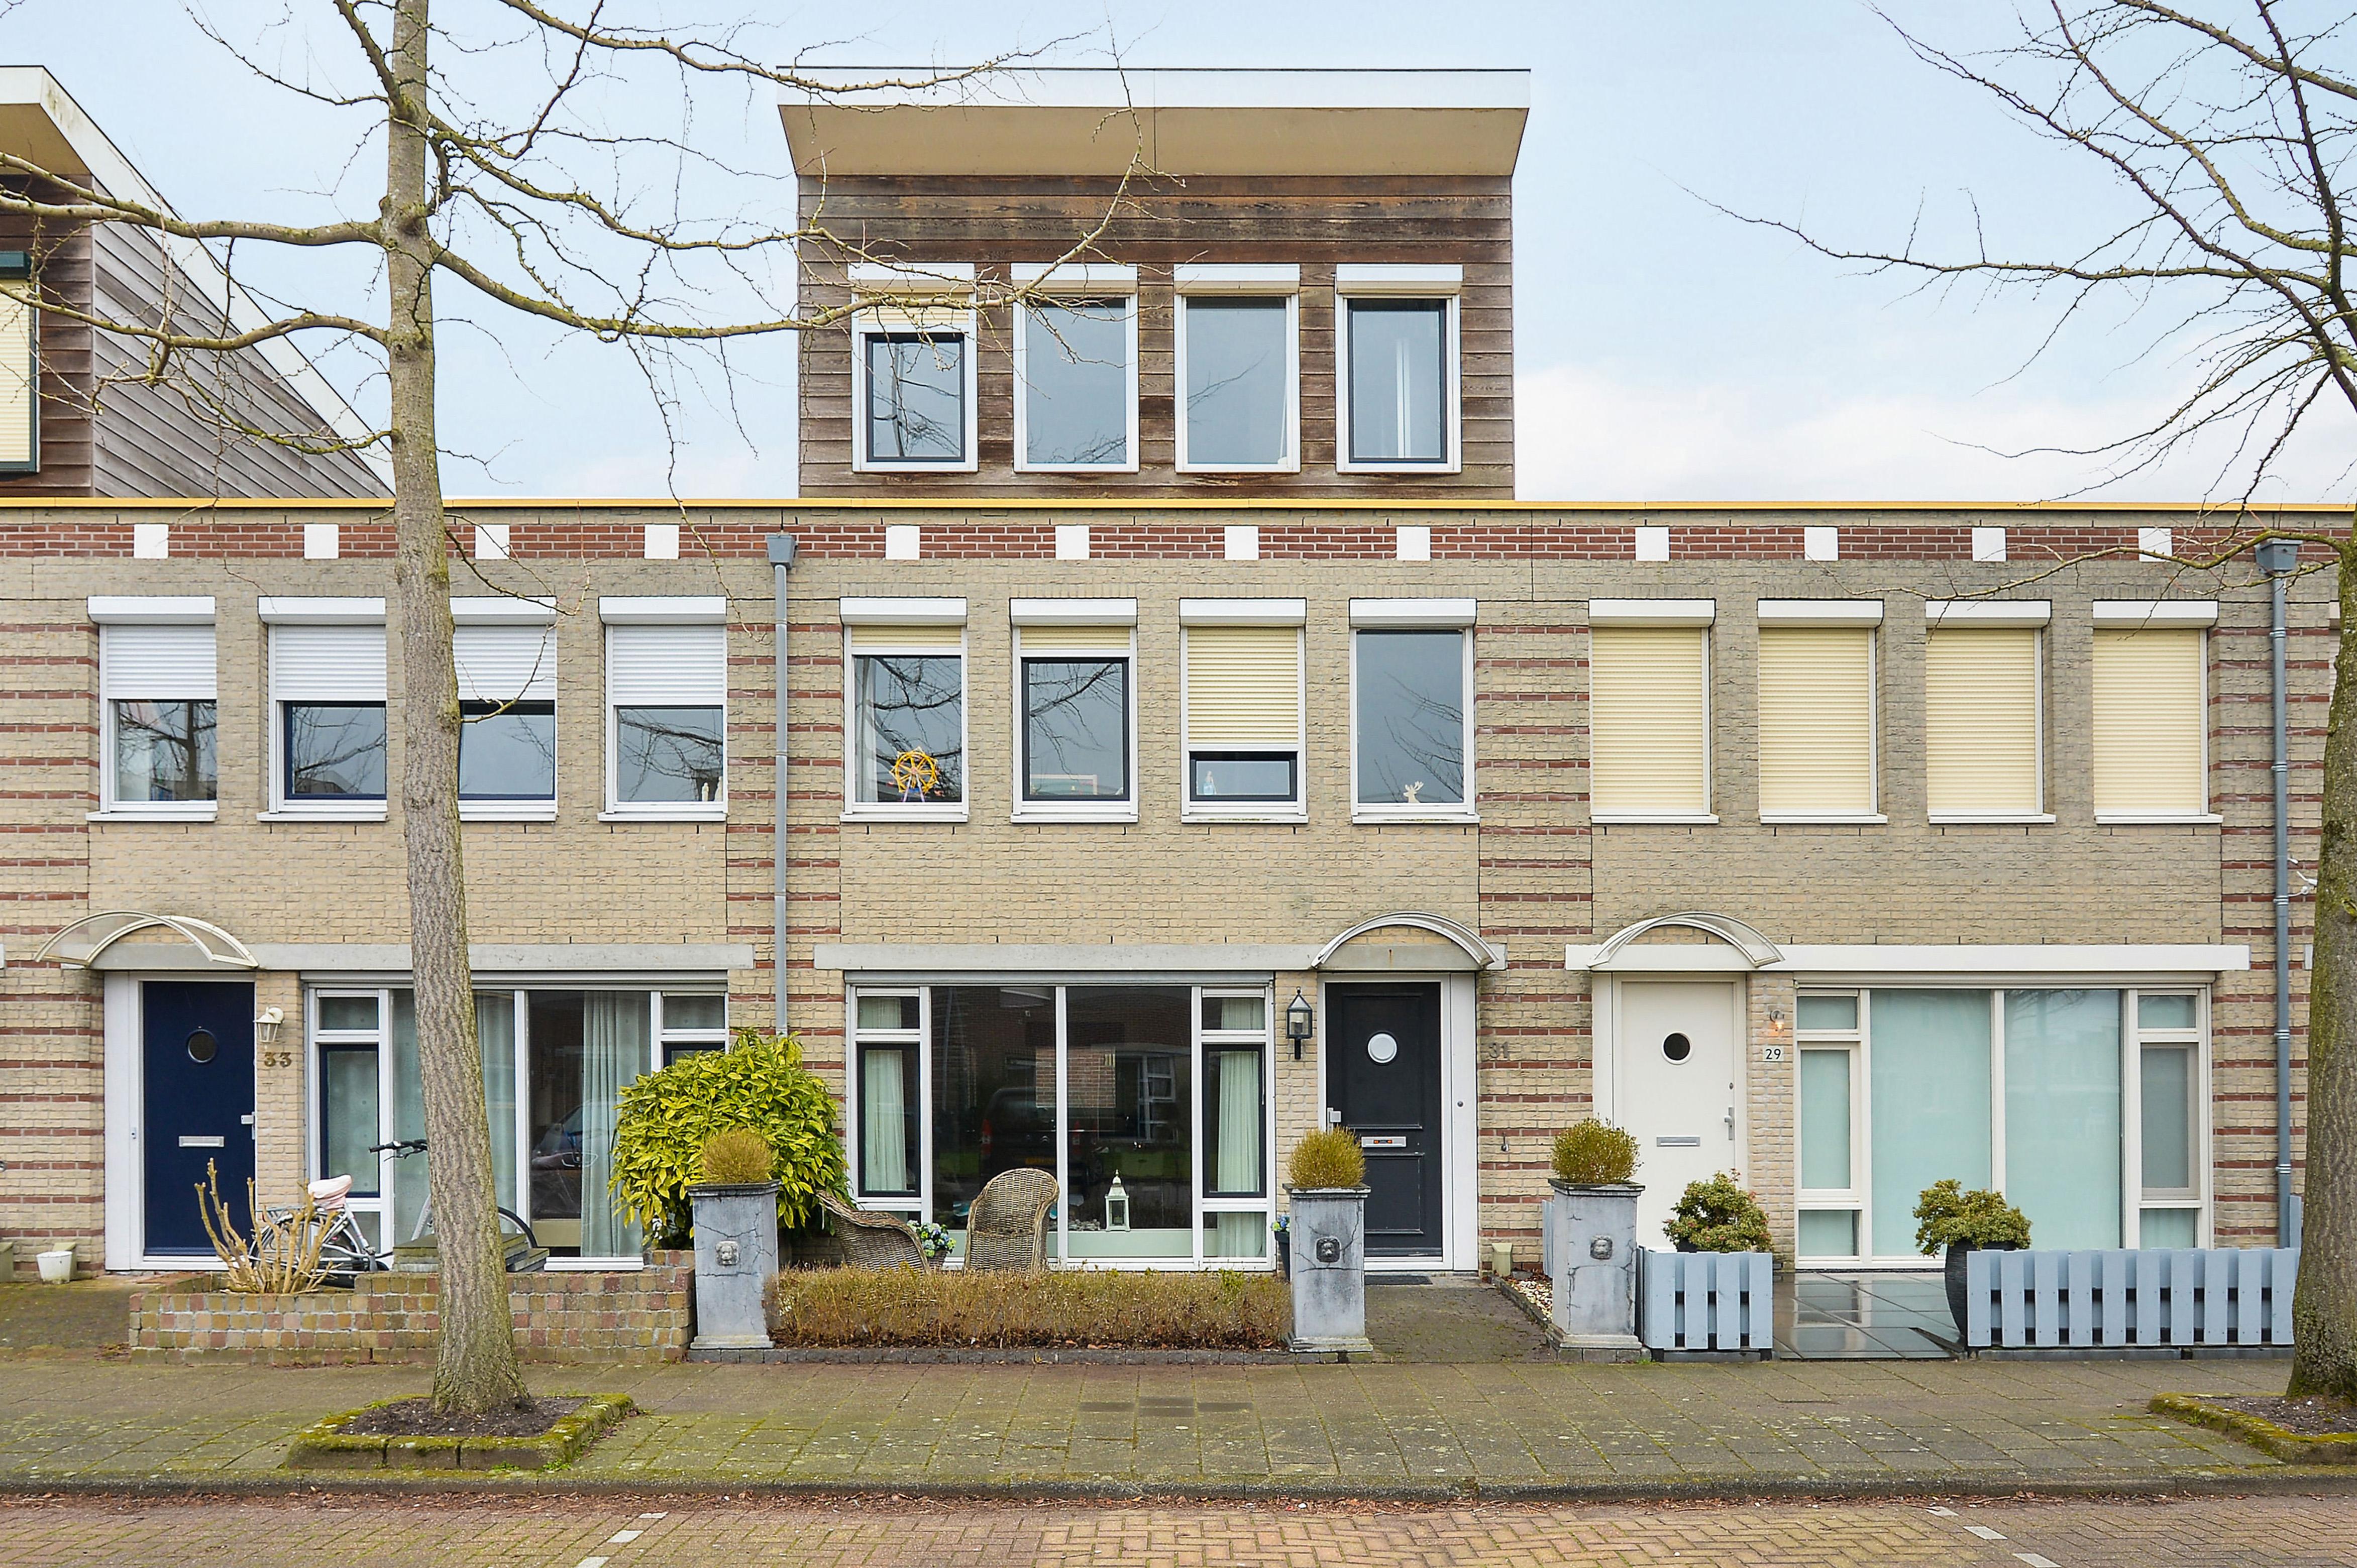 Te koop: Weerdenburg 31, Hoofddorp - Hoekstra en van Eck - Méér makelaar